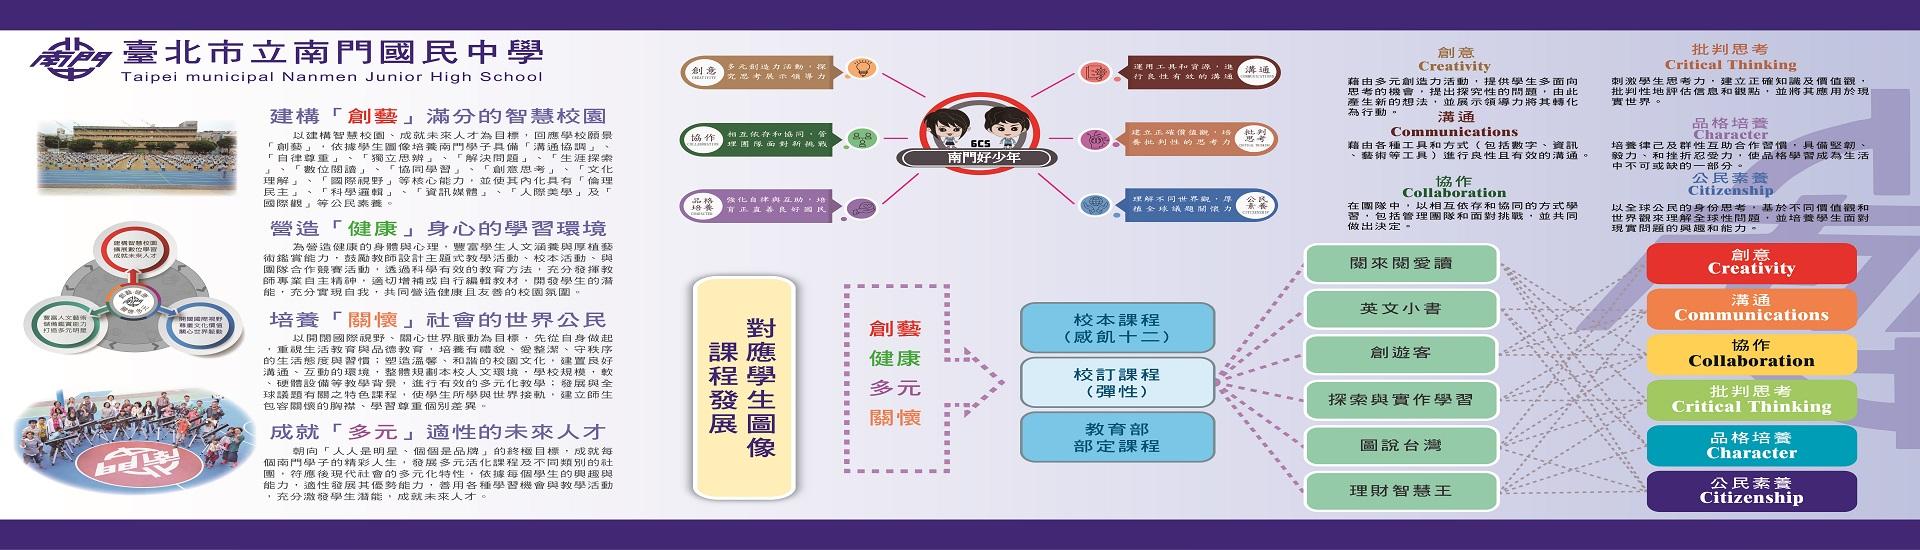 臺北市立南門國中課程發展對應學生圖像